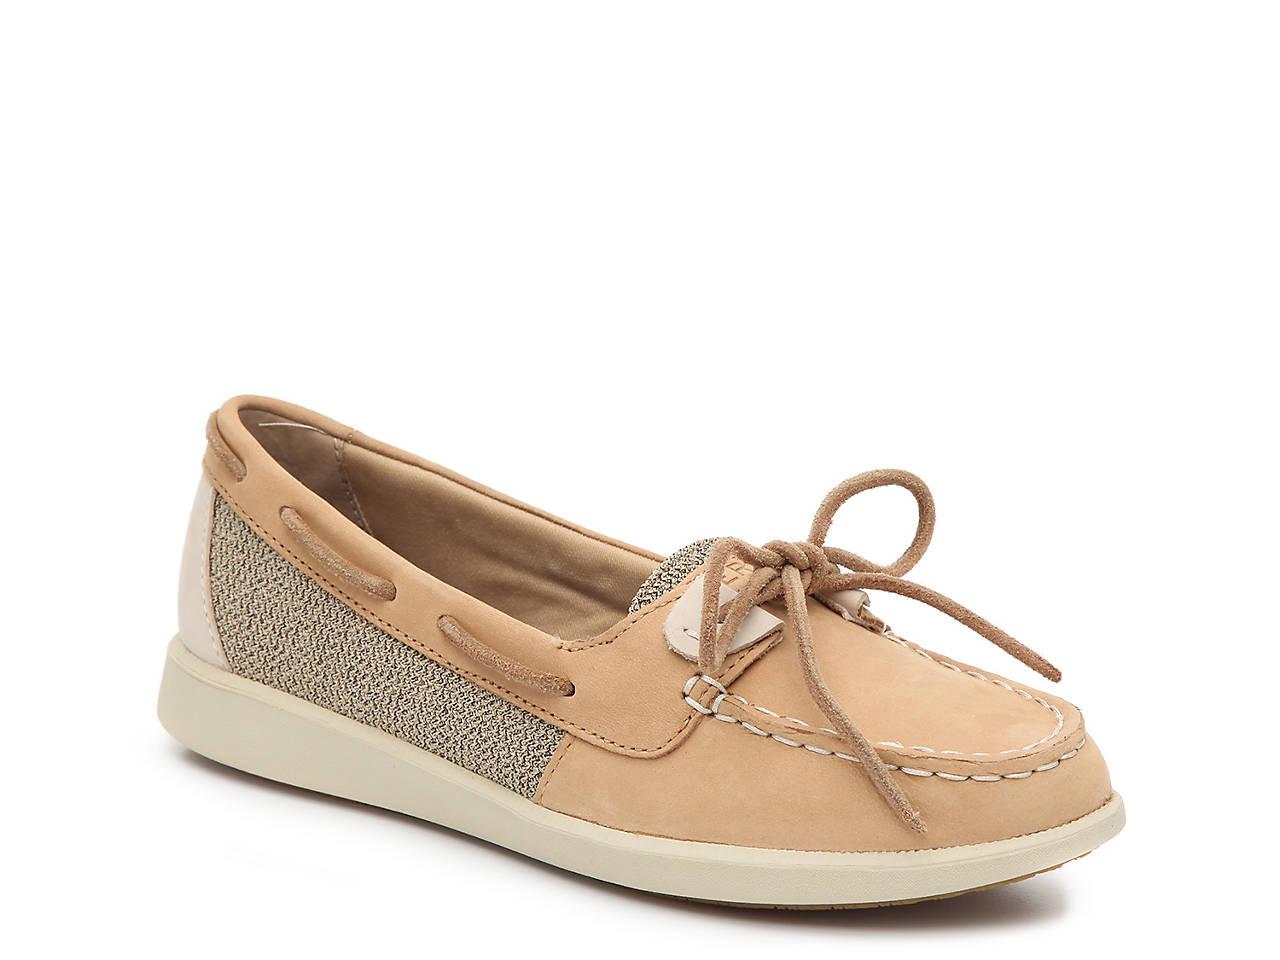 35b9801ed87b Sperry Top-Sider Oasis Loft Boat Shoe Women's Shoes | DSW